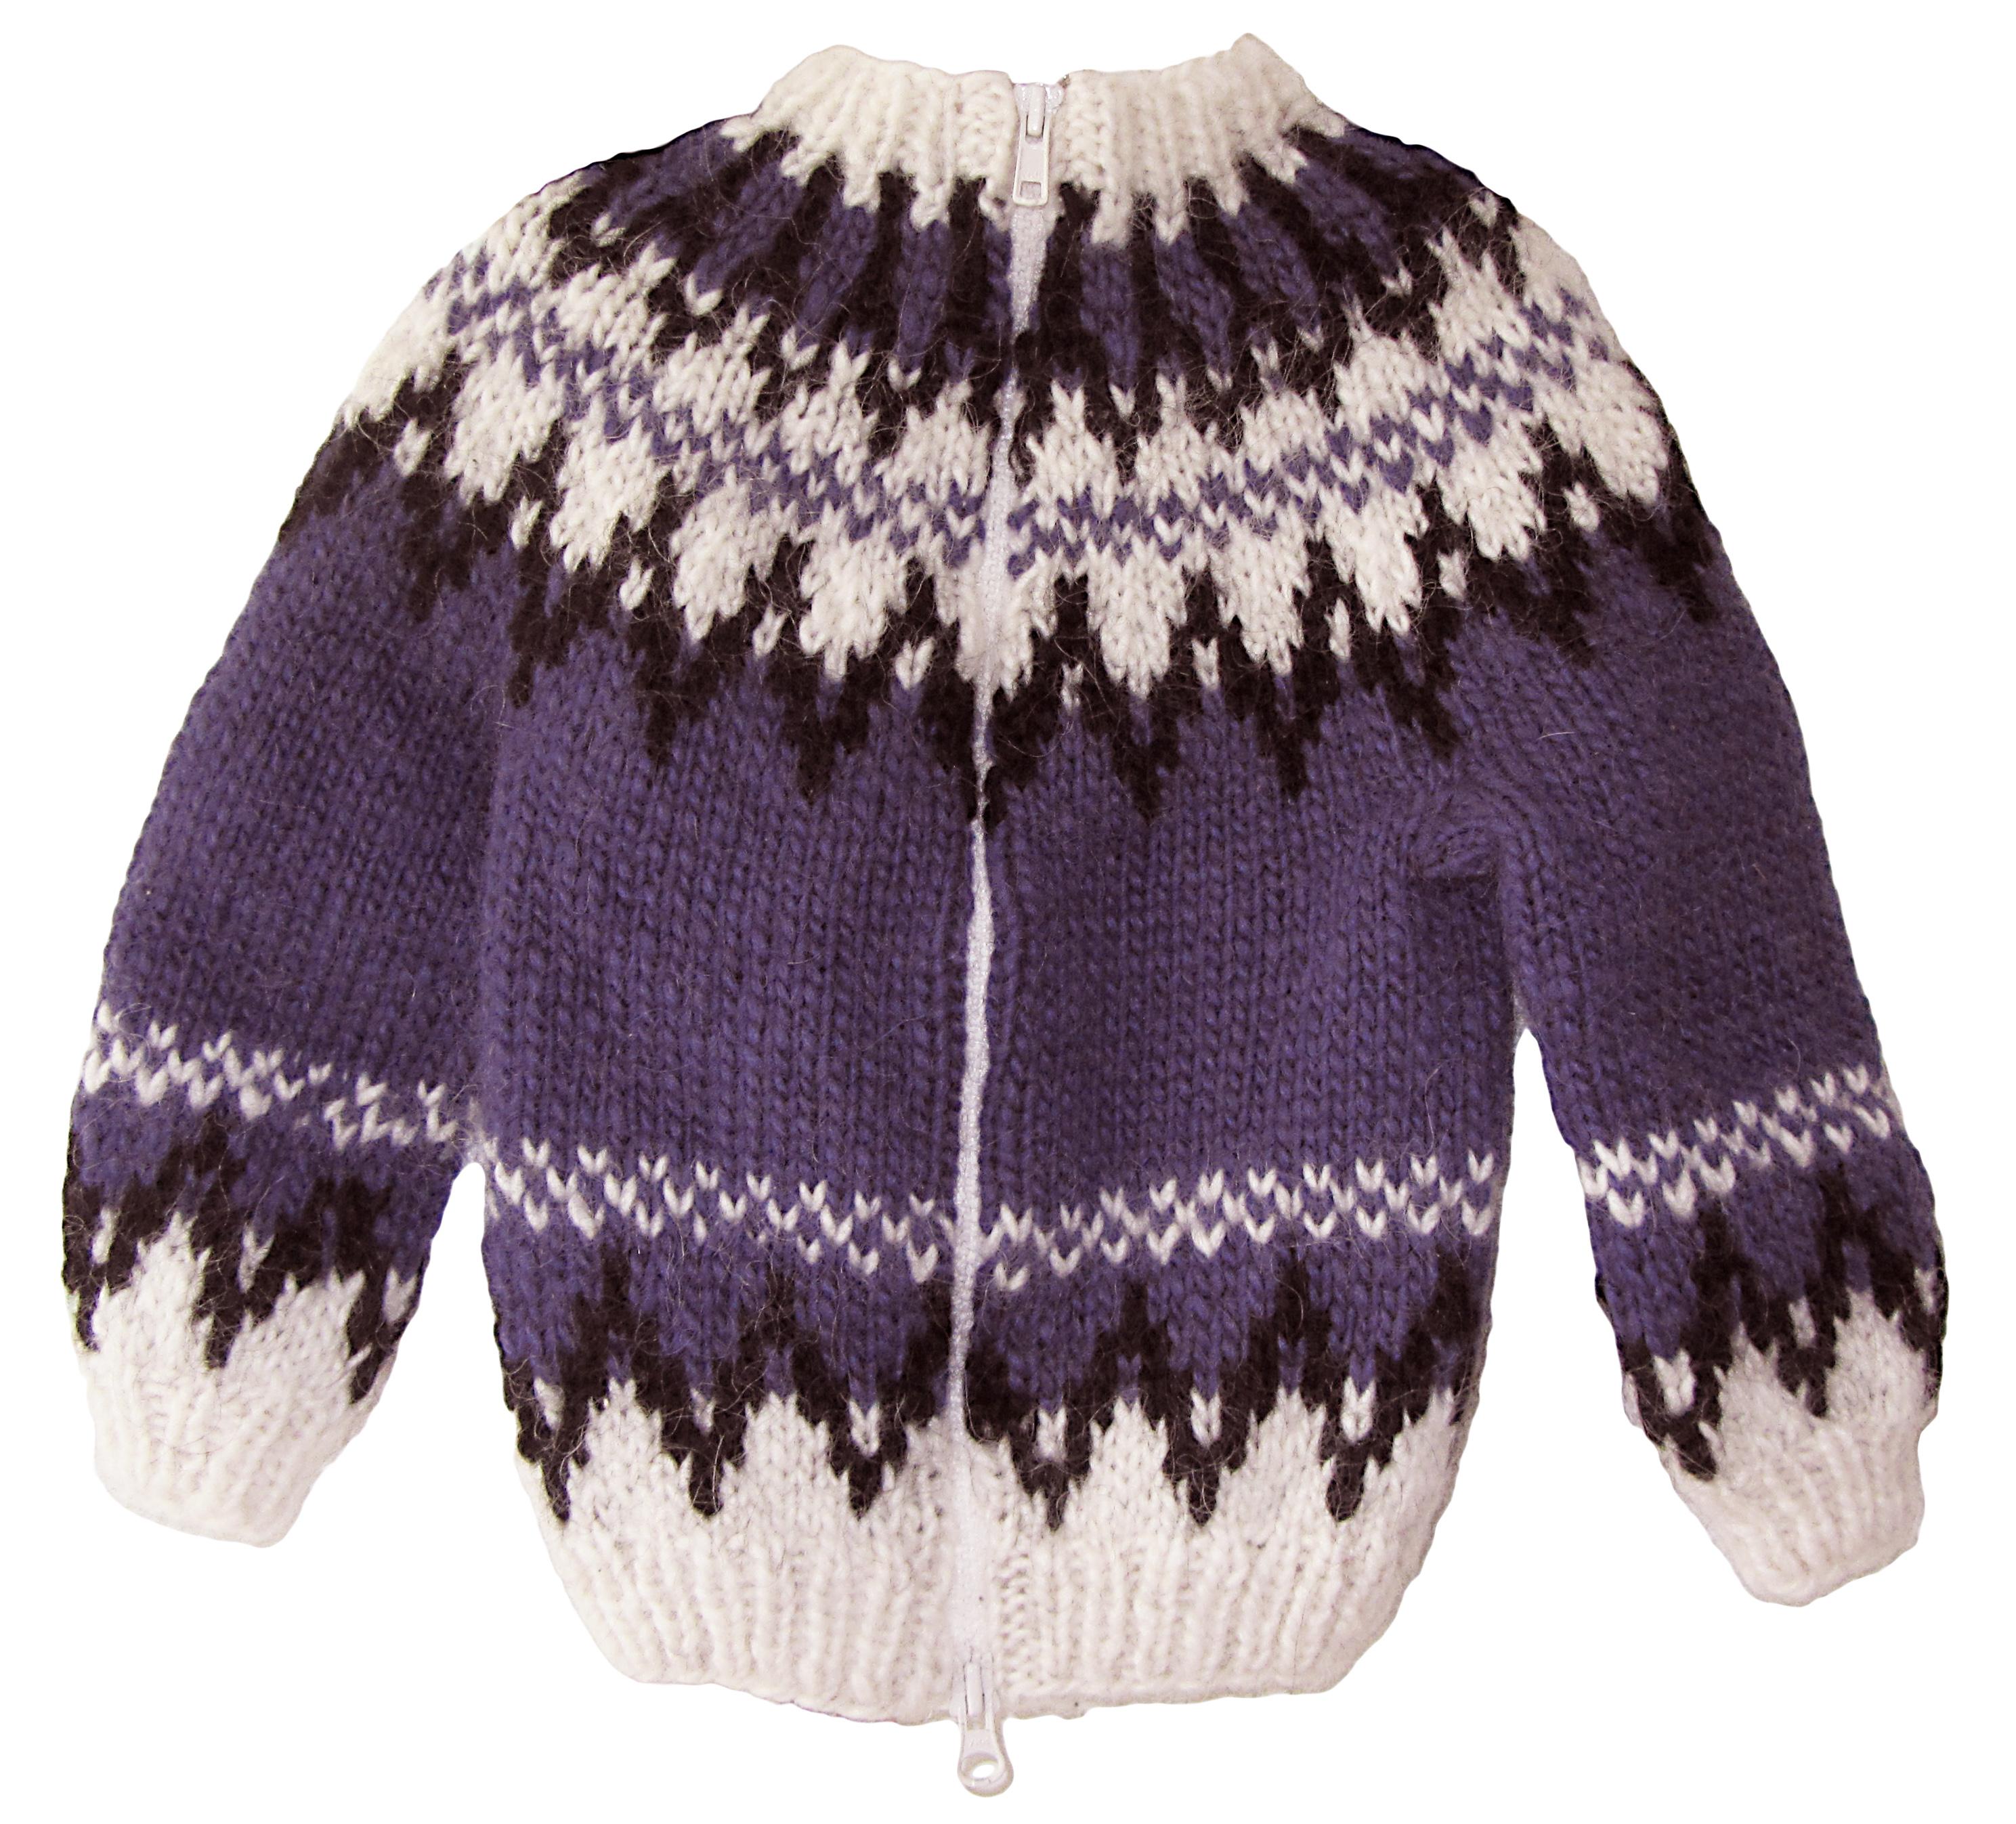 Abiti-a-maglia-per-bambini